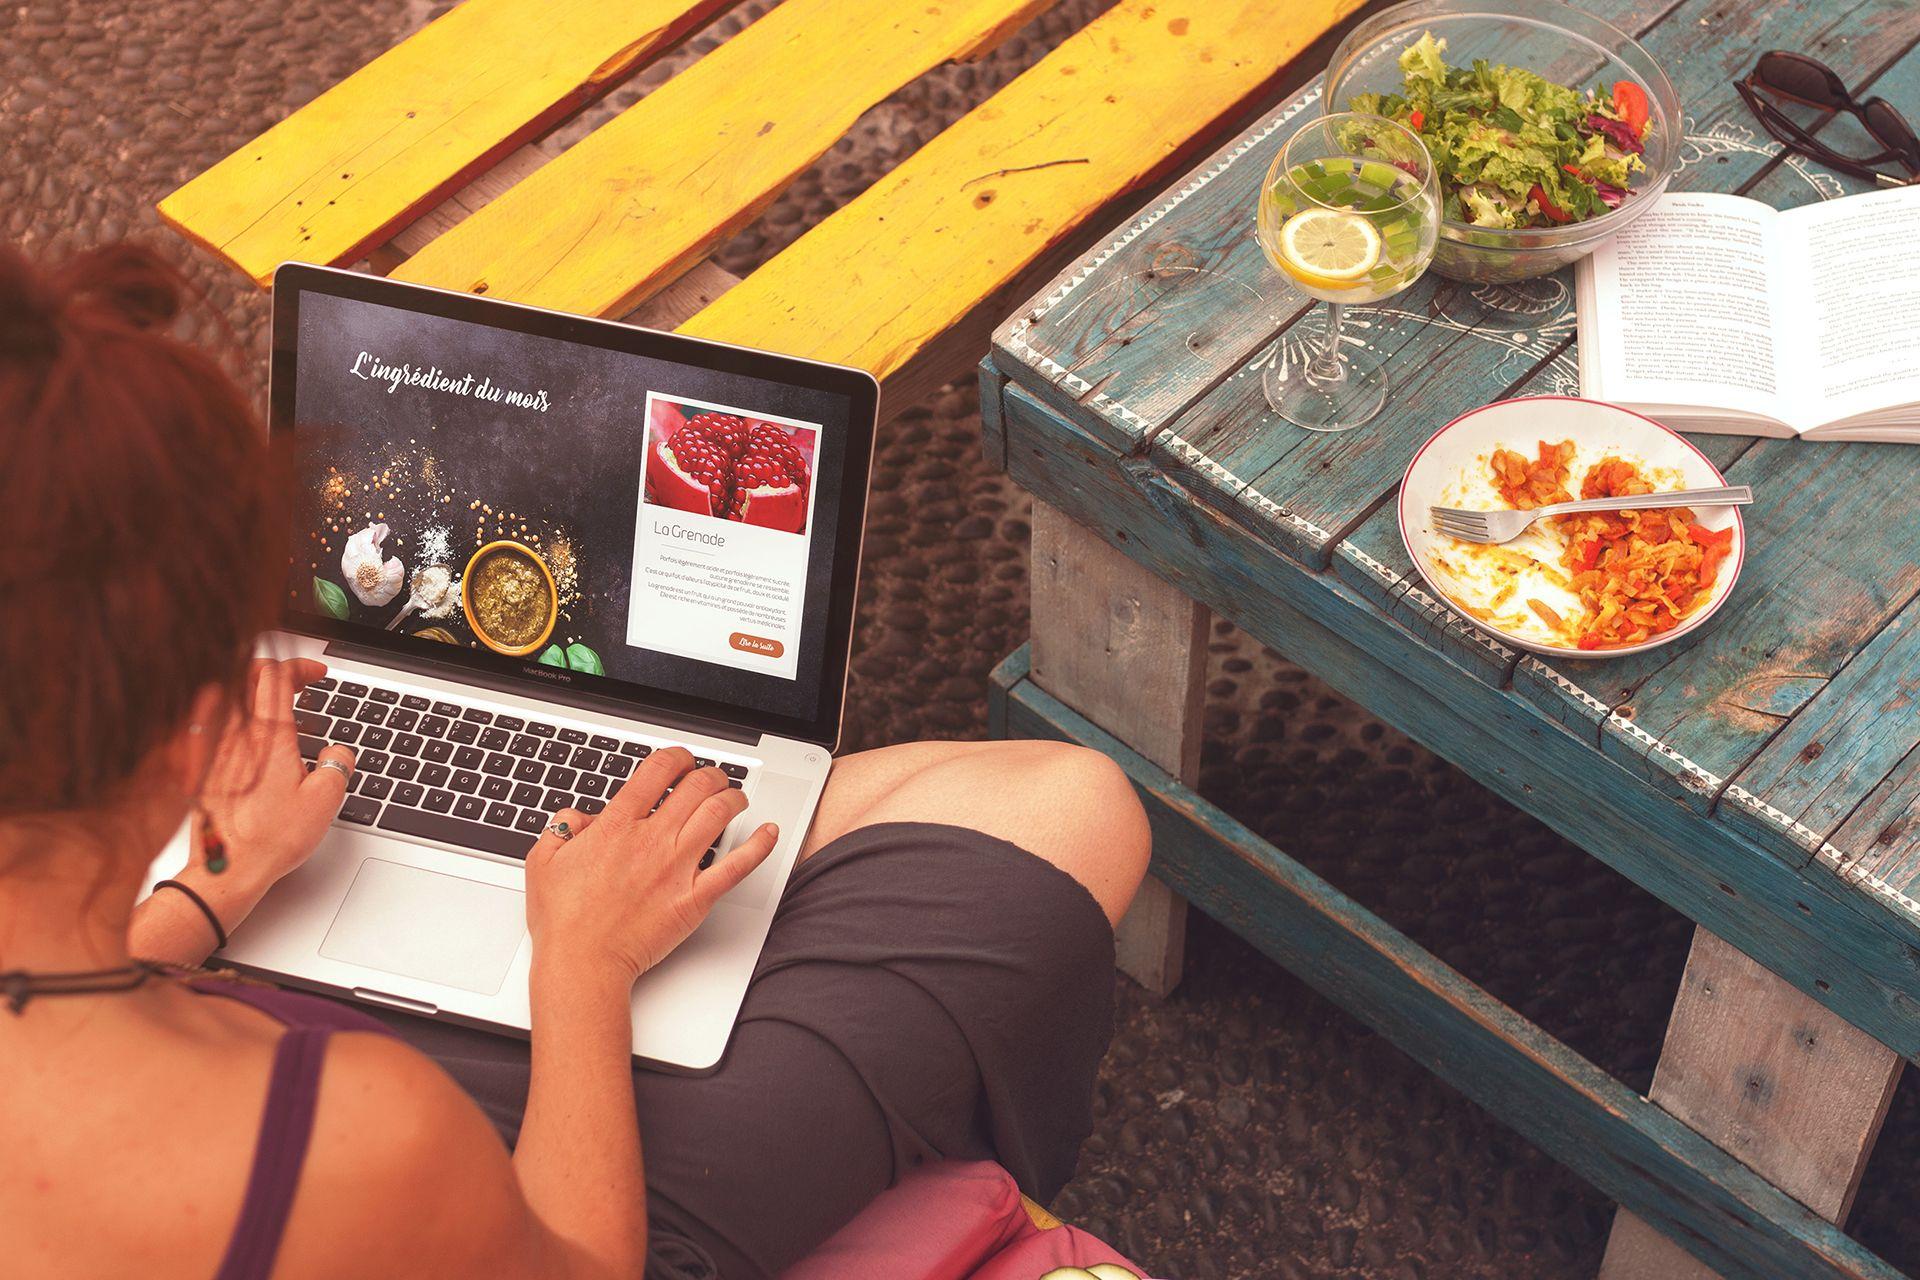 Webdesign sur le thème de la cuisine Gourmand et croquant crée MickGuti.com